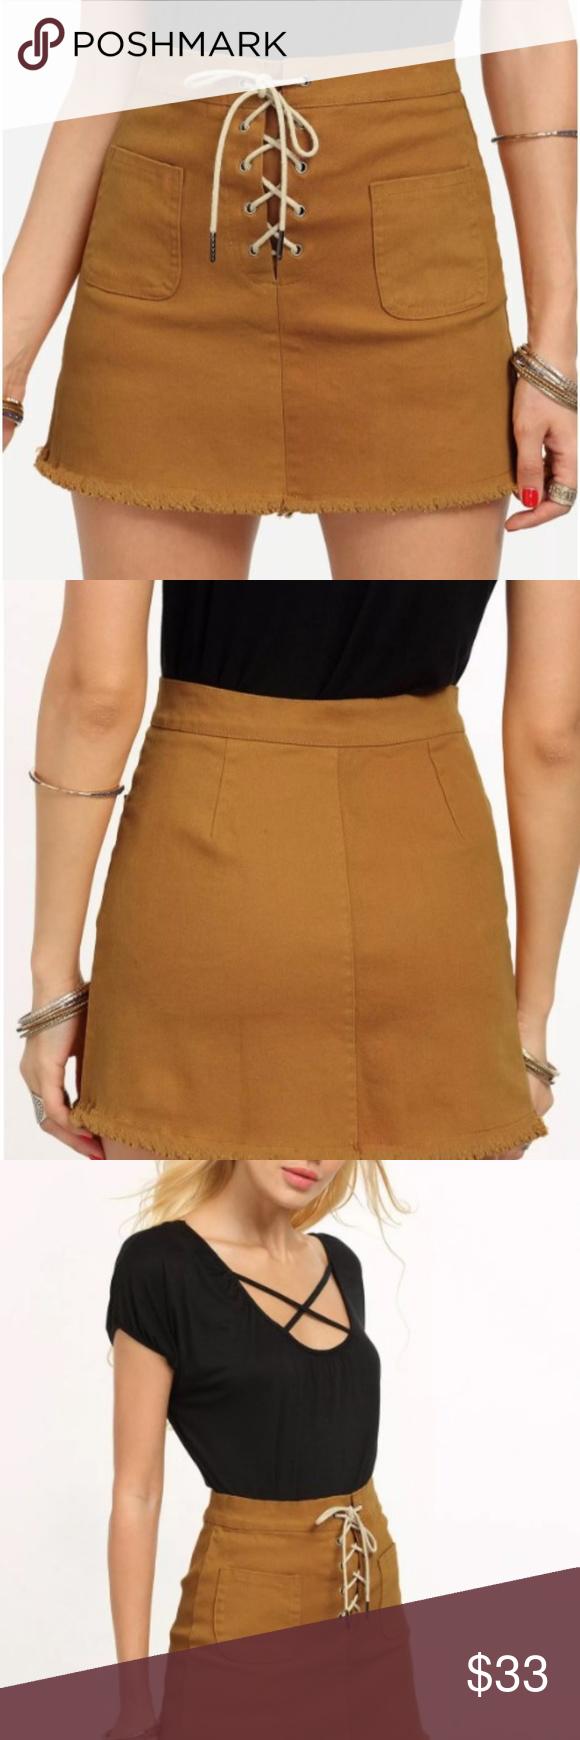 59d680d8bbd Lace Up Skirt